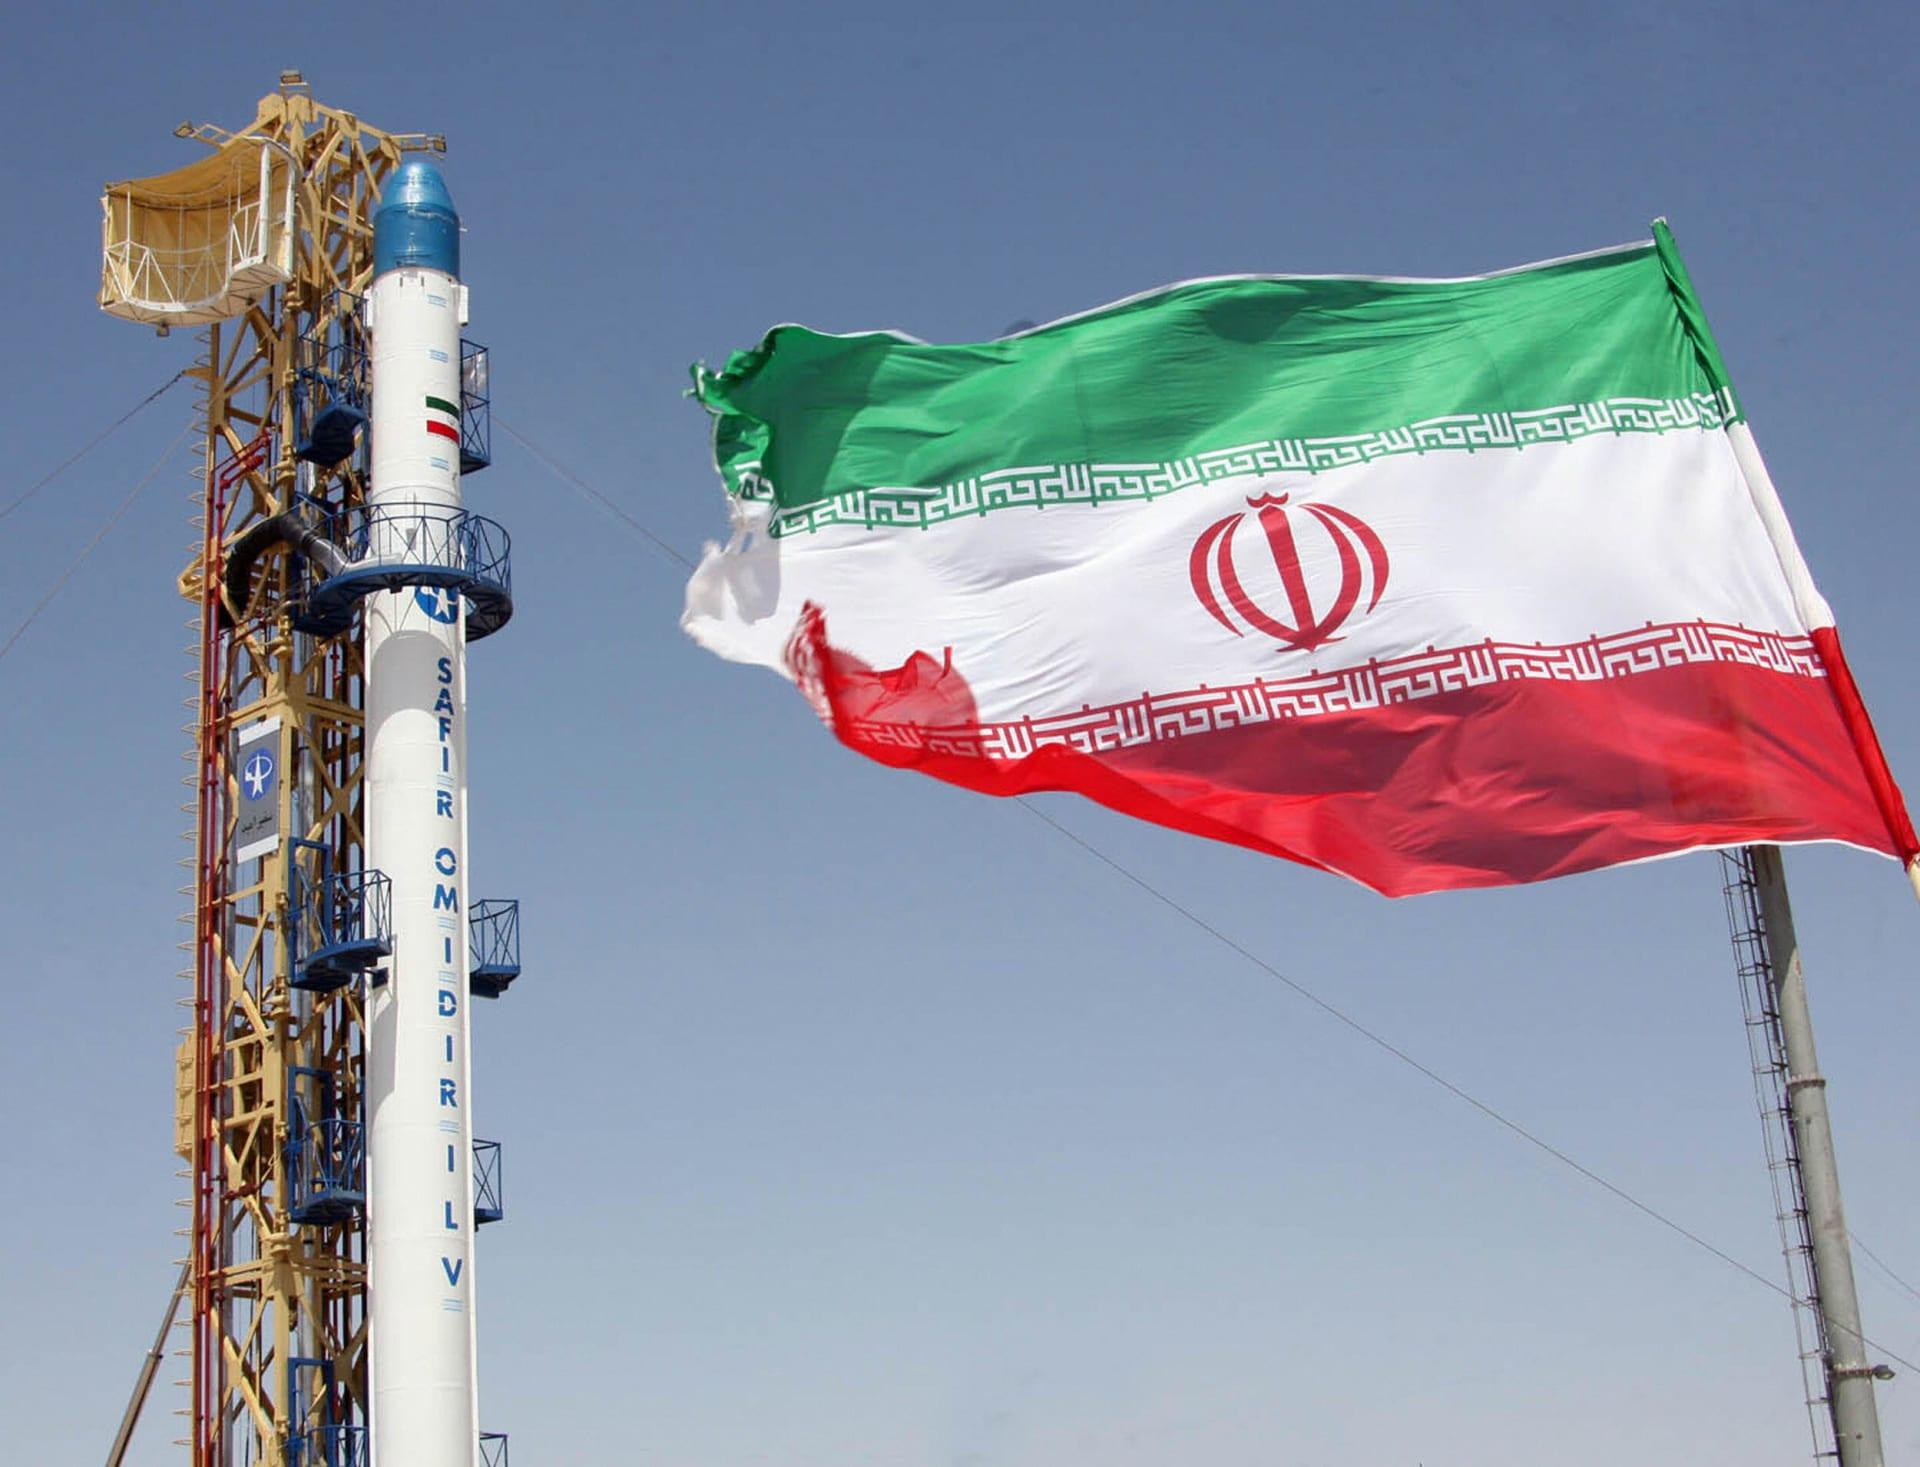 متجاهلة التهديدات الأمريكية.. إيران تطلق قمرا صناعيا ويفشل بالوصول إلى مداره